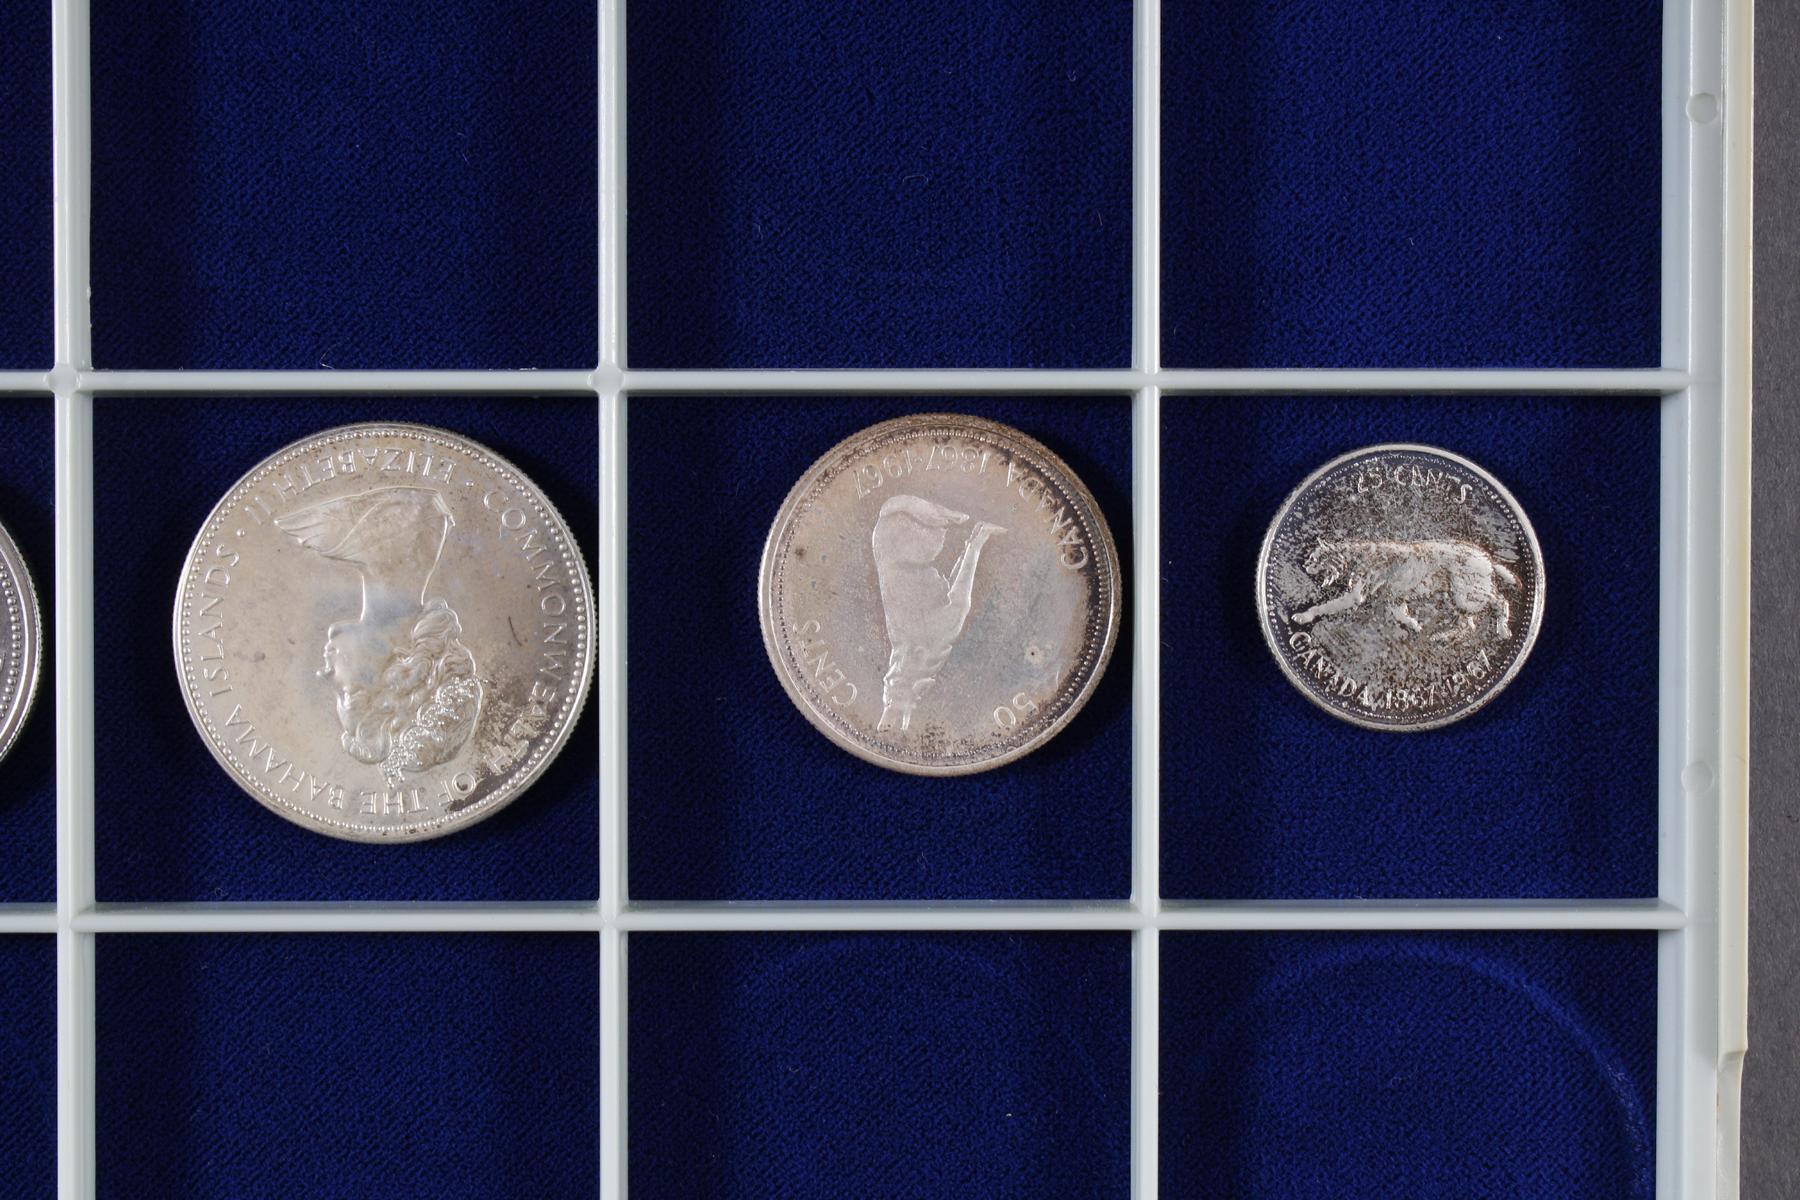 Konvolut Münzen, Südafrika, Kanada und USA, darunter viel Silber-5